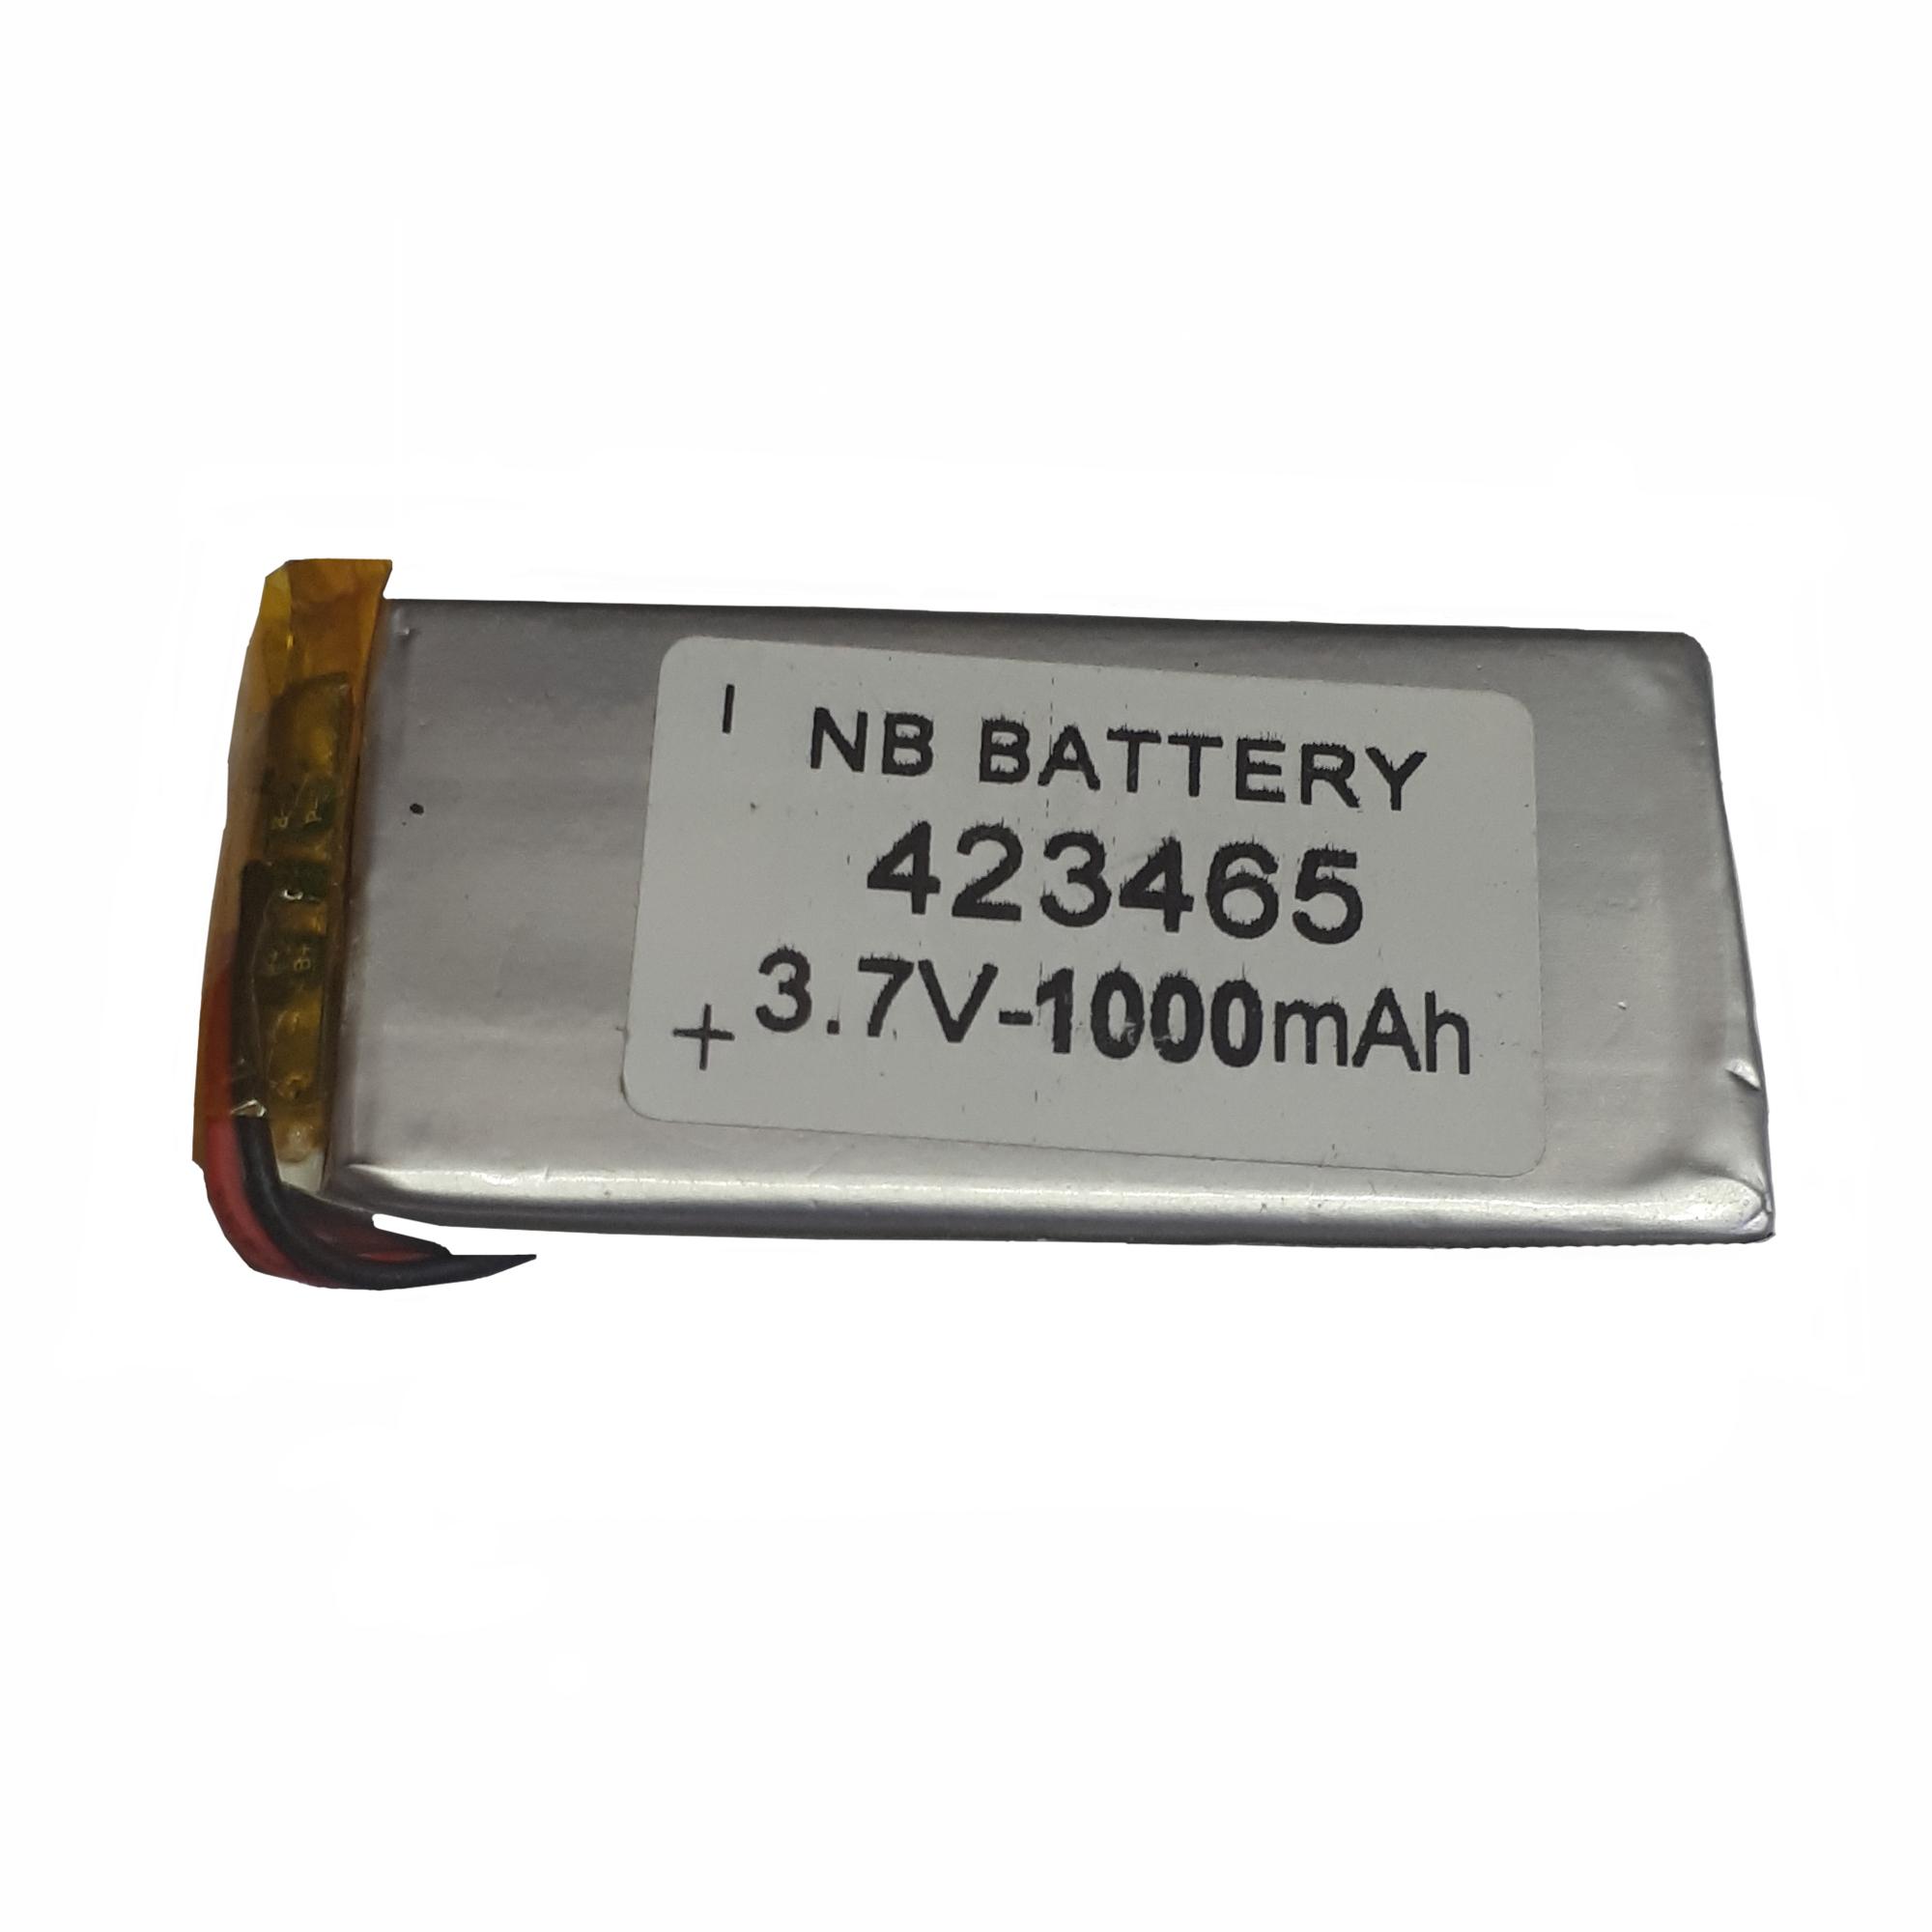 باتری لیتیوم-یون کد 423465 ظرفیت 1000 میلی آمپر ساعت